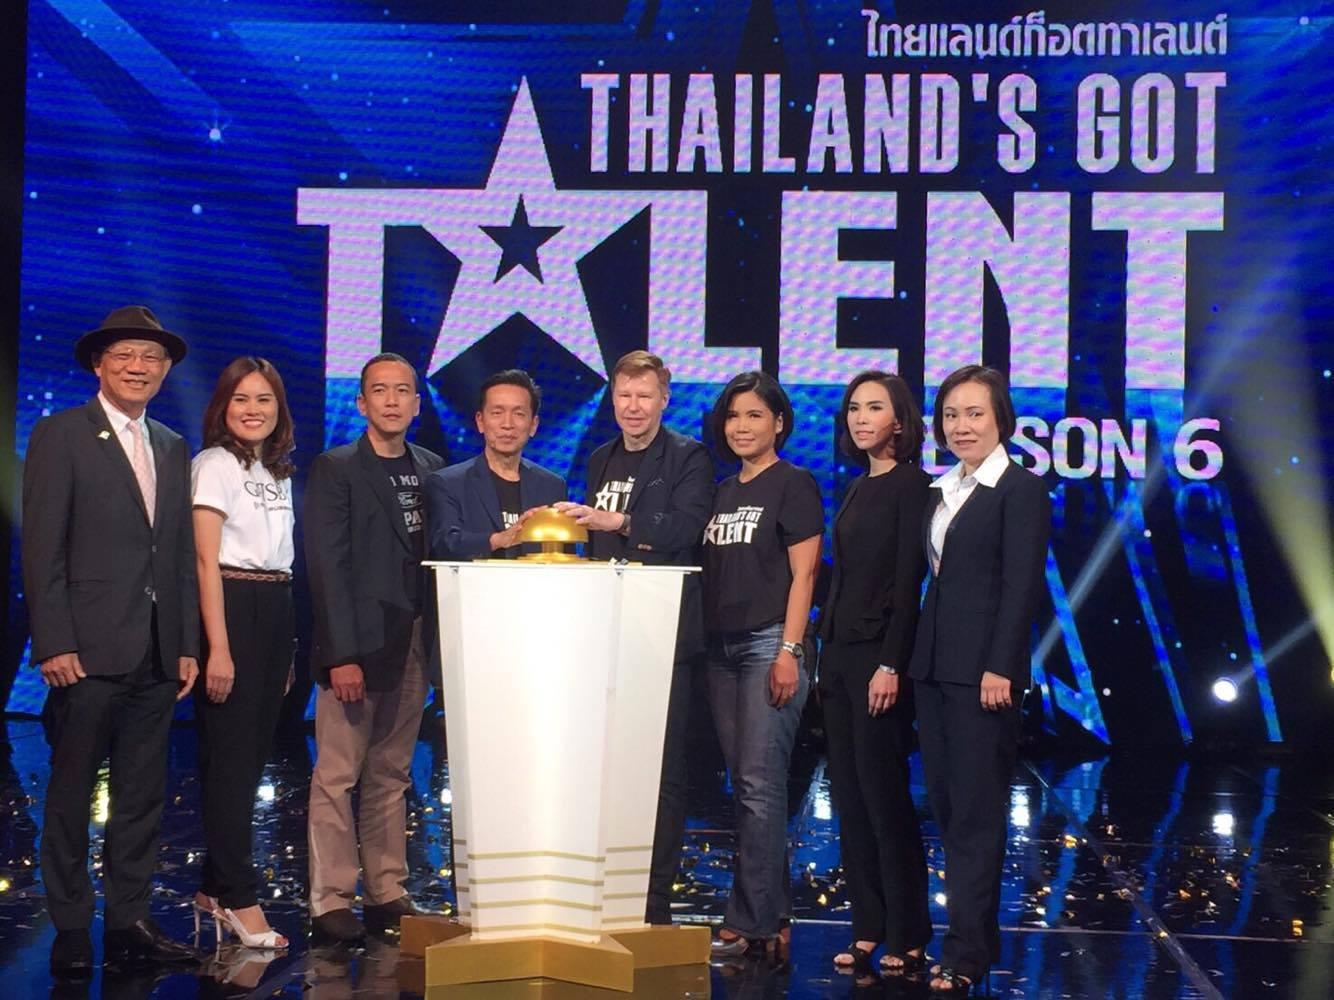 ครั้งแรก! สนุกดอทคอม ร่วมกับ Thailand's Got Talent Season 6